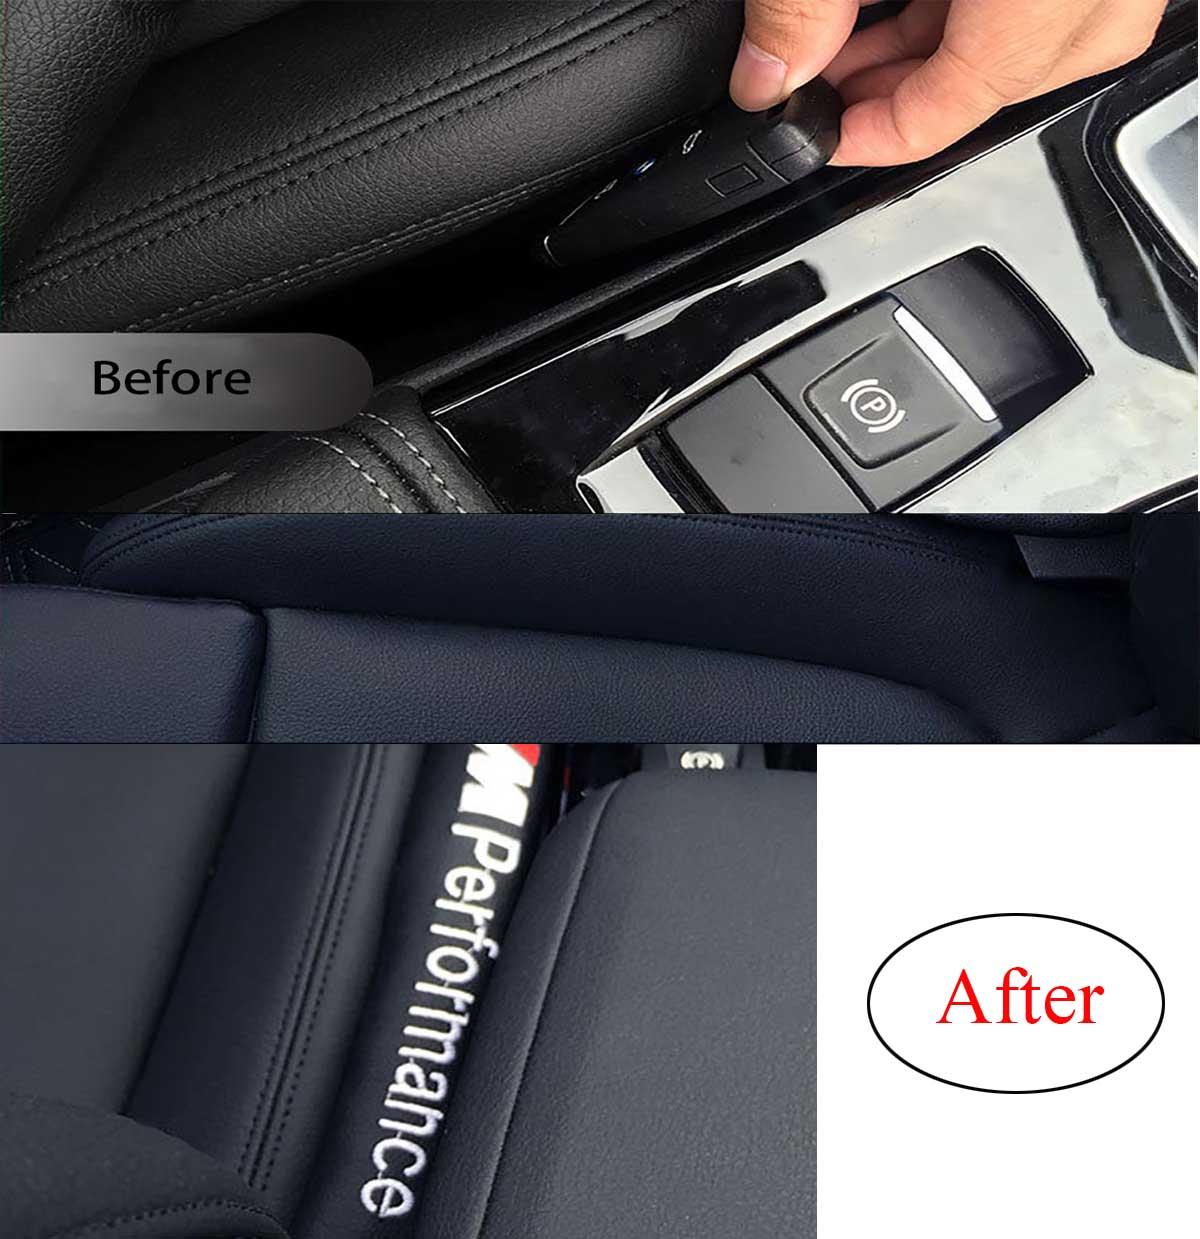 2x Car Seat Gap Filler Side Gap Blocker Leakproof Padding